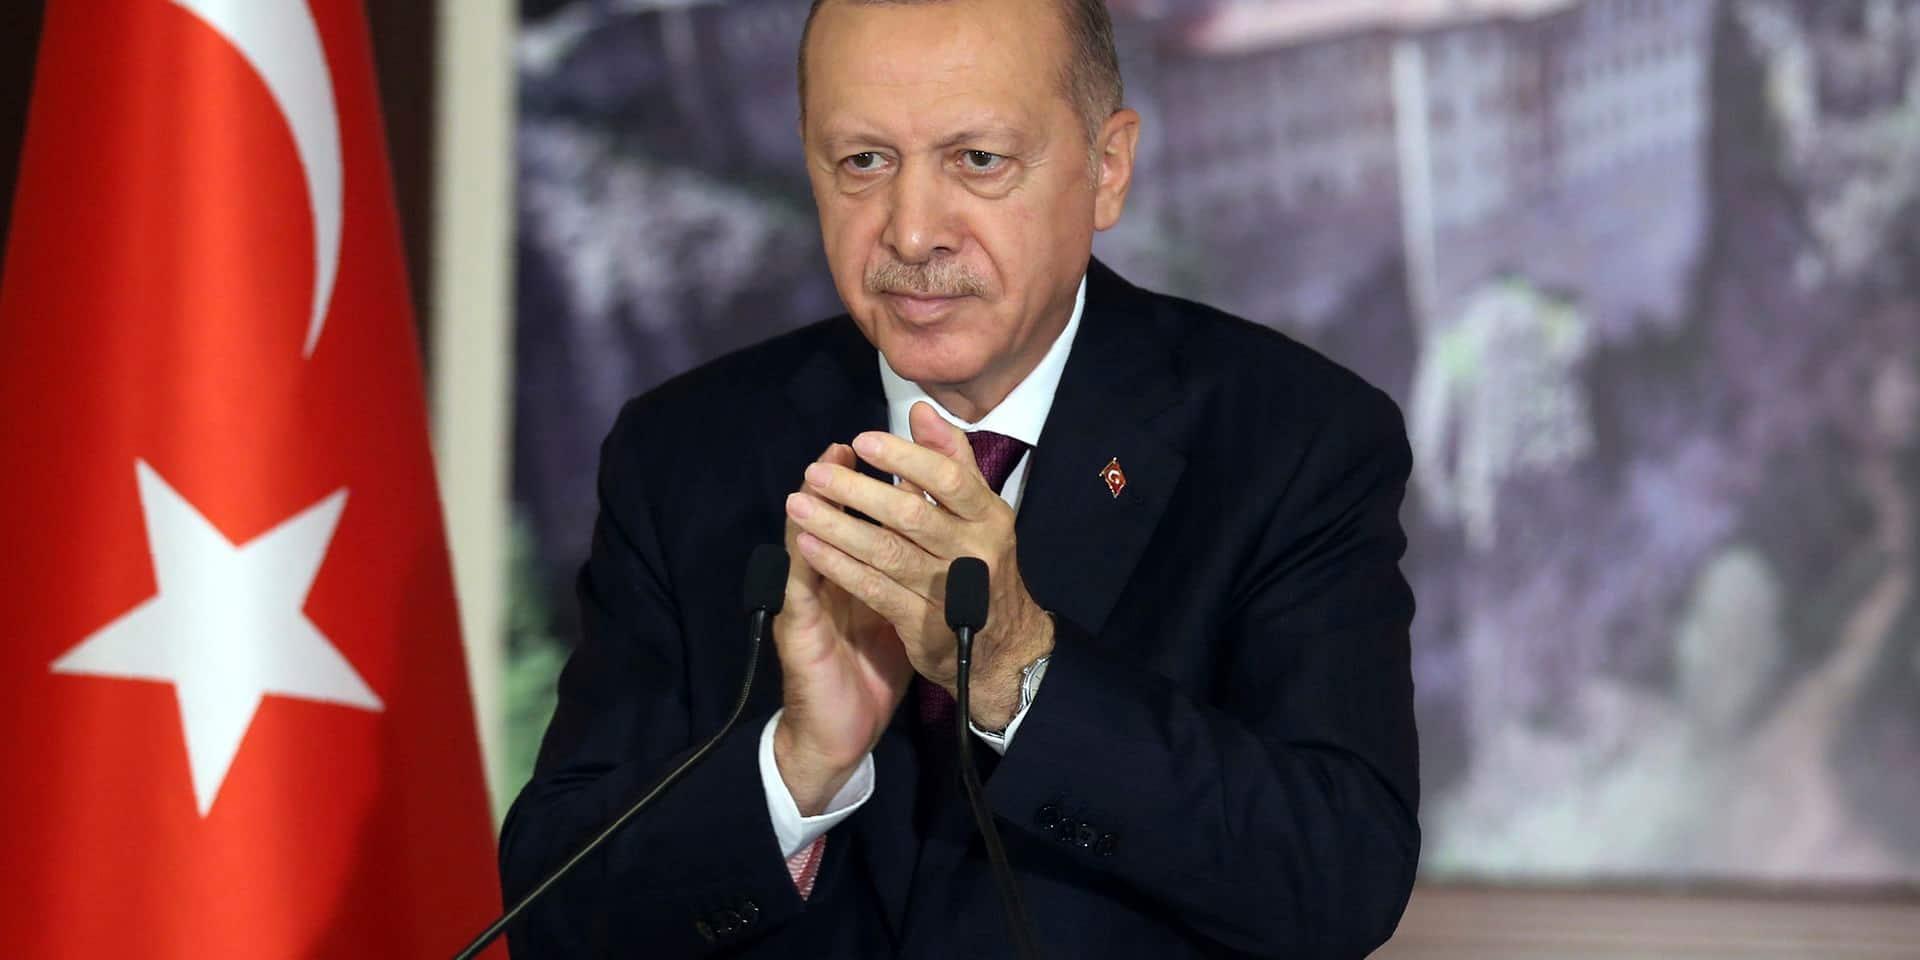 Turquie: adoption d'une loi renforçant le contrôle des réseaux sociaux